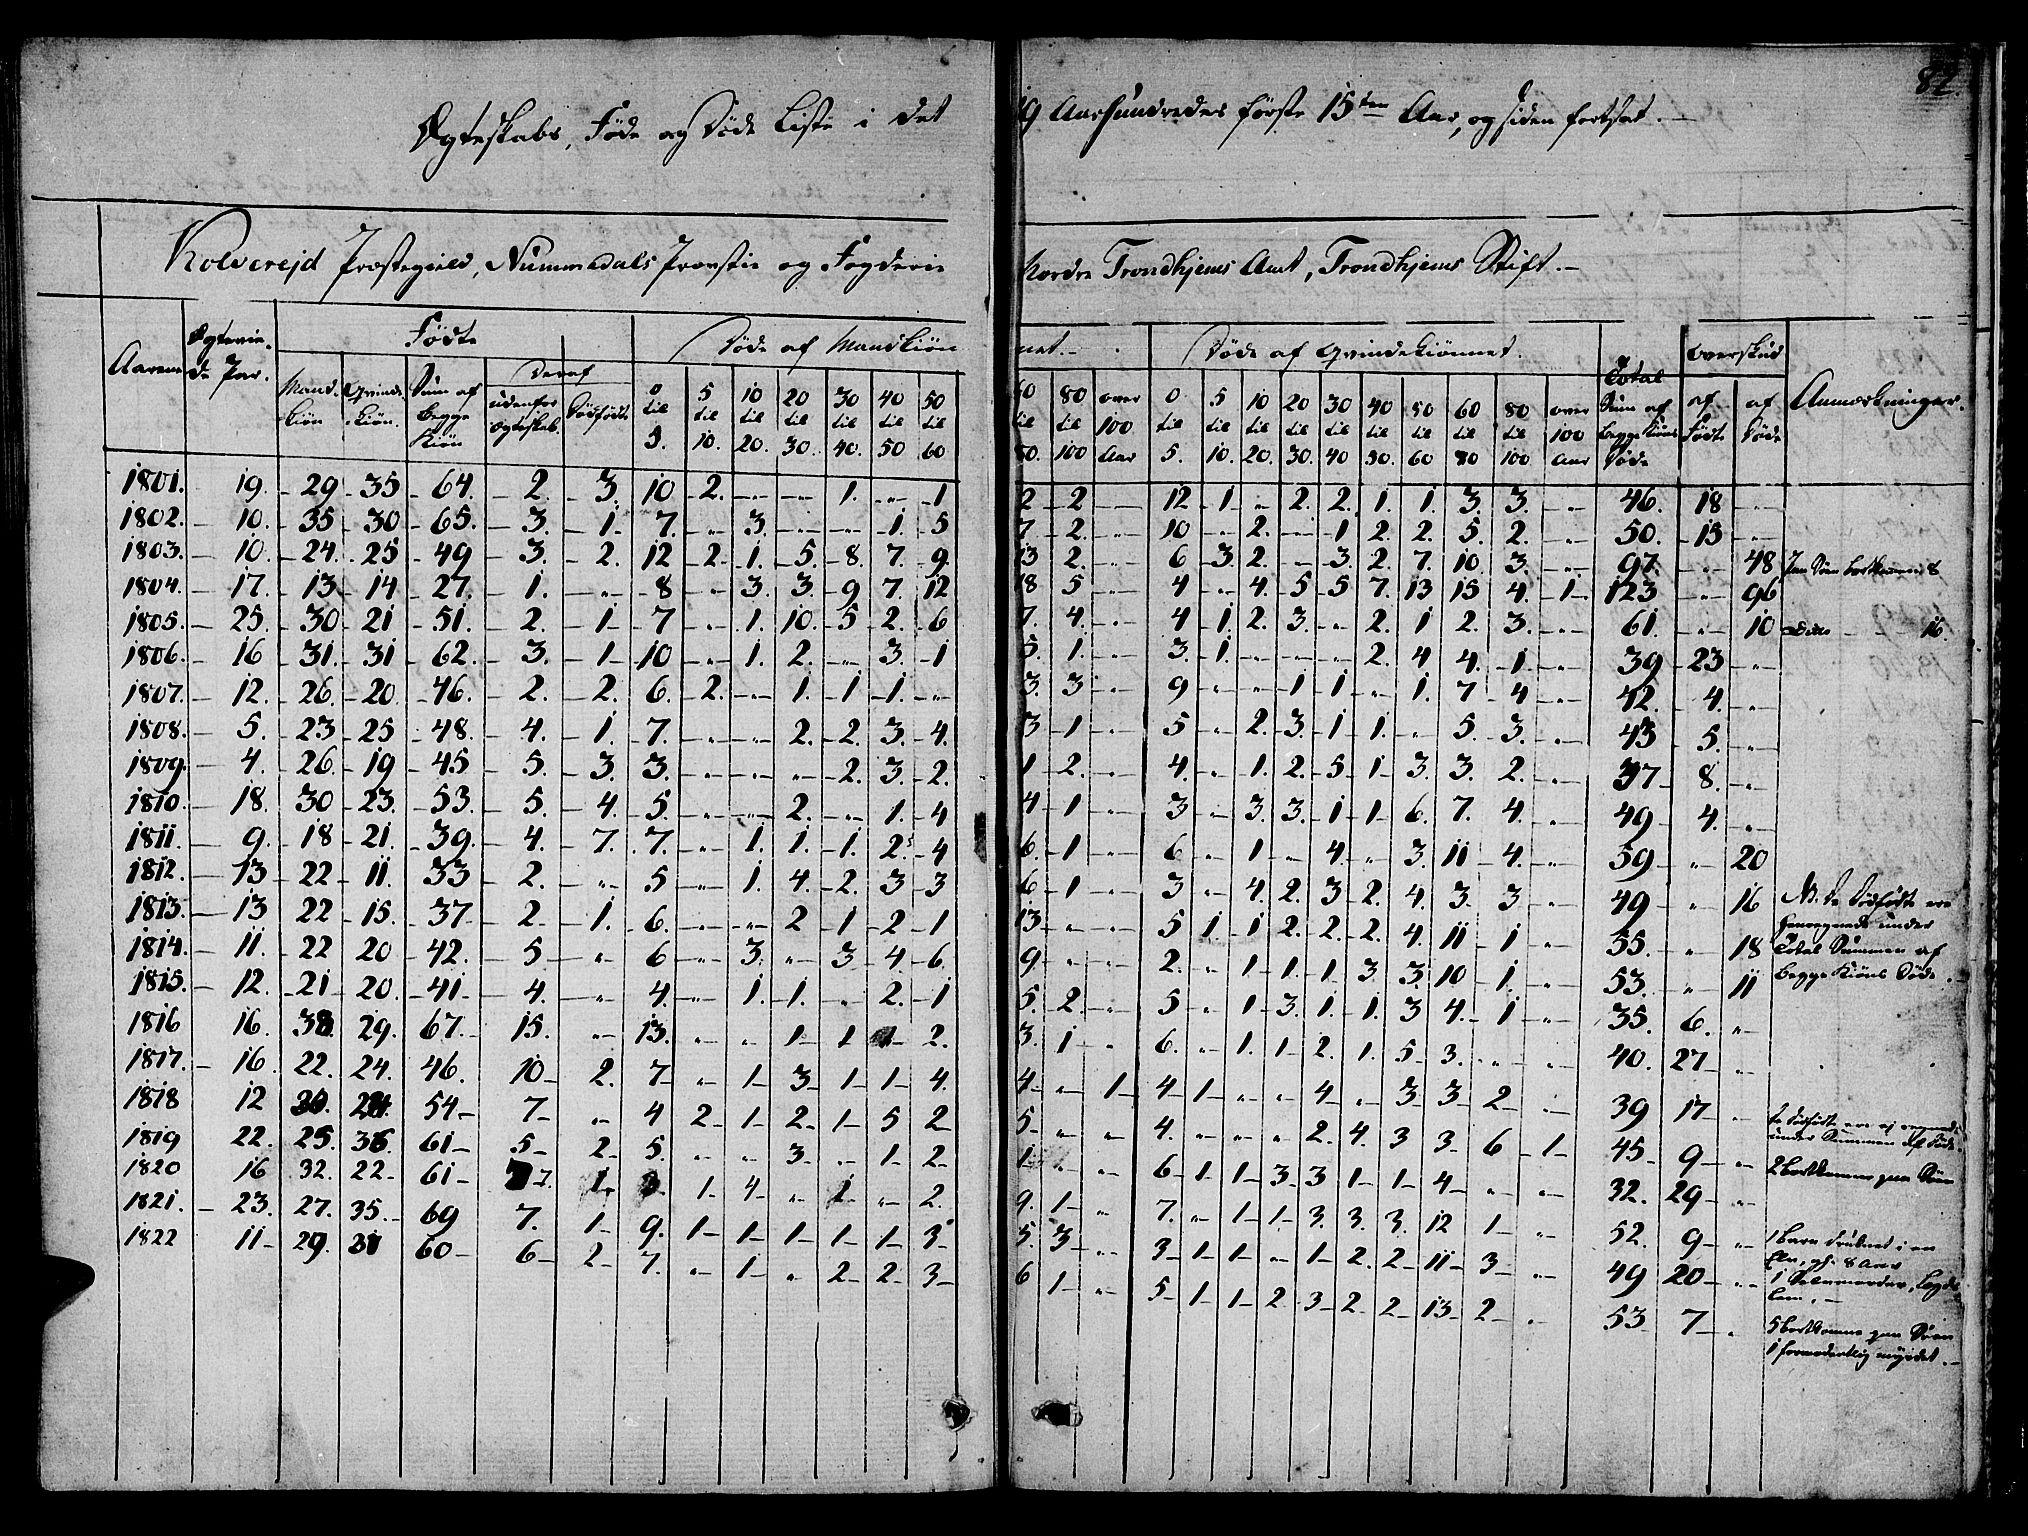 SAT, Ministerialprotokoller, klokkerbøker og fødselsregistre - Nord-Trøndelag, 780/L0633: Ministerialbok nr. 780A02 /1, 1787-1814, s. 82